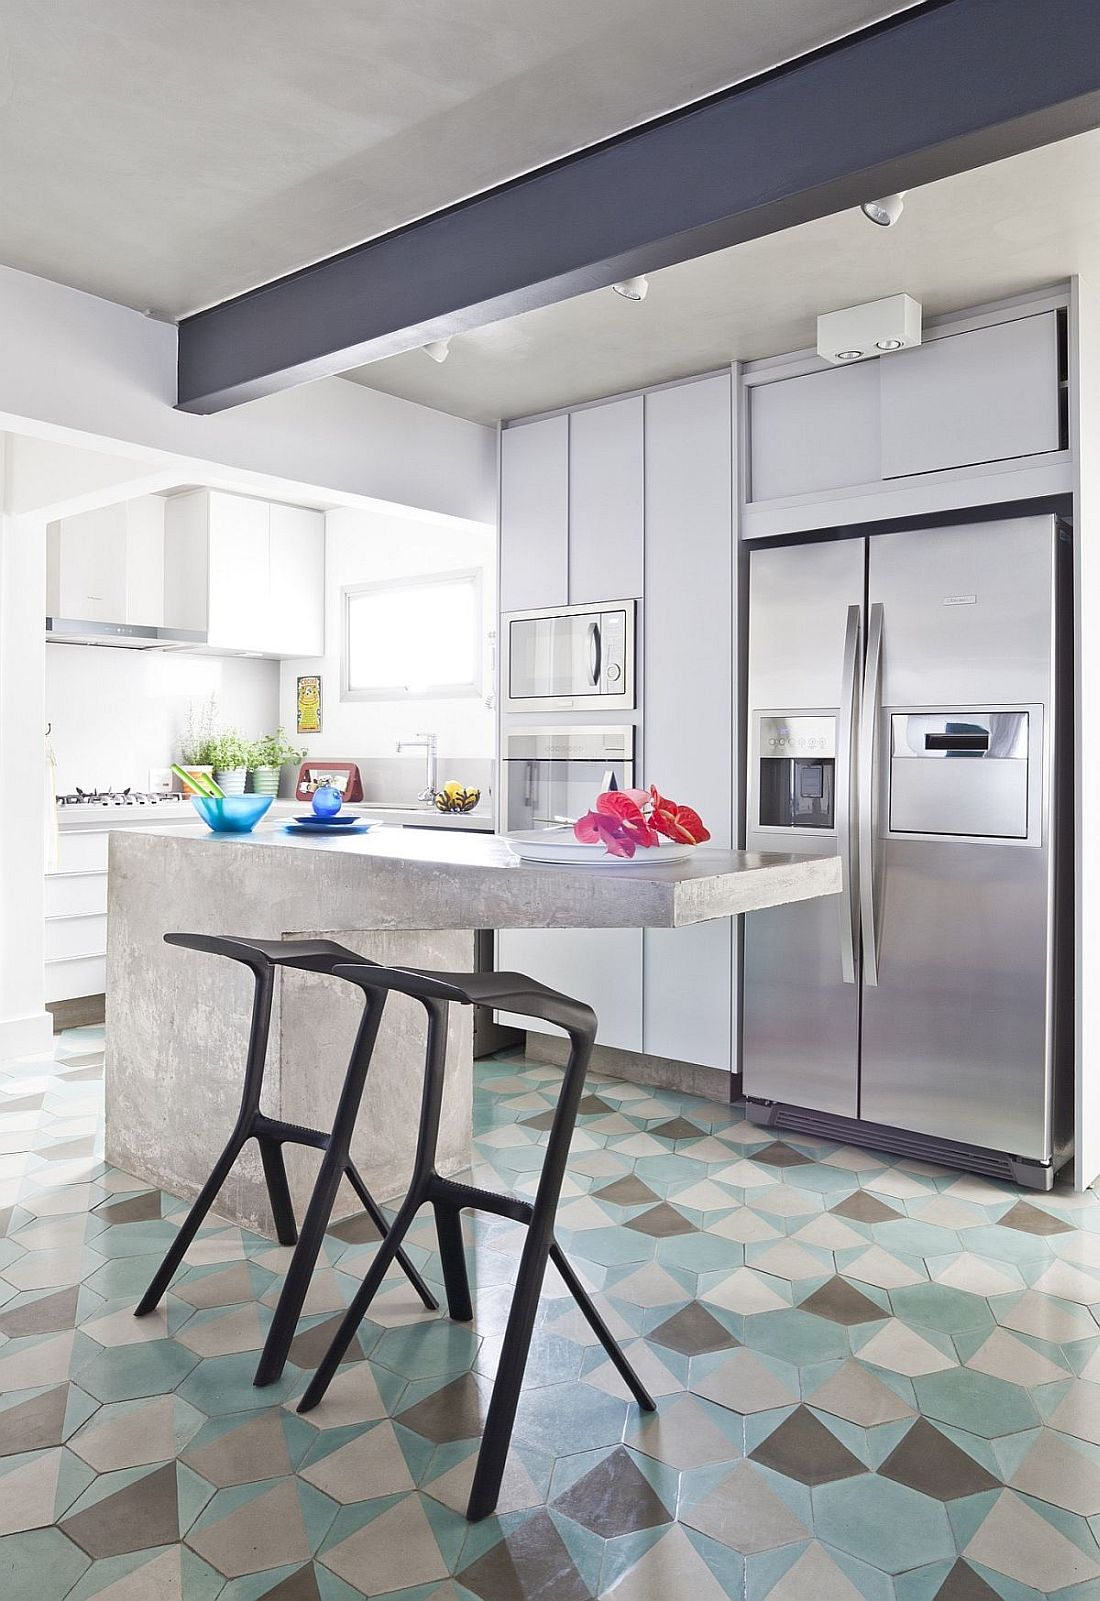 Stainless Steel Kitchen Design